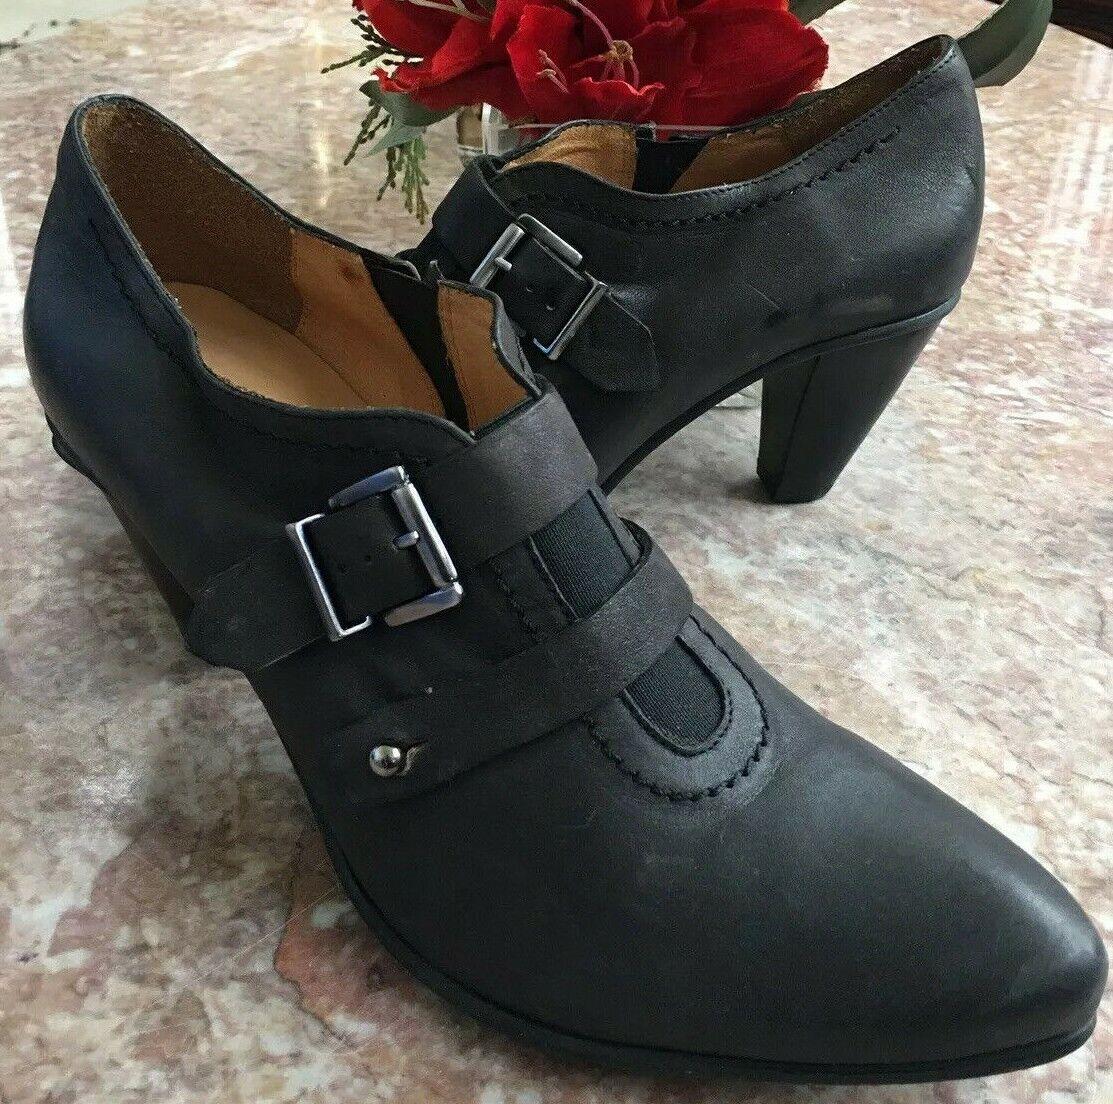 NEW Fidji Women's Black Charcoal Size 10M EUR 41 Low Ankle Heel Bootie MSRP